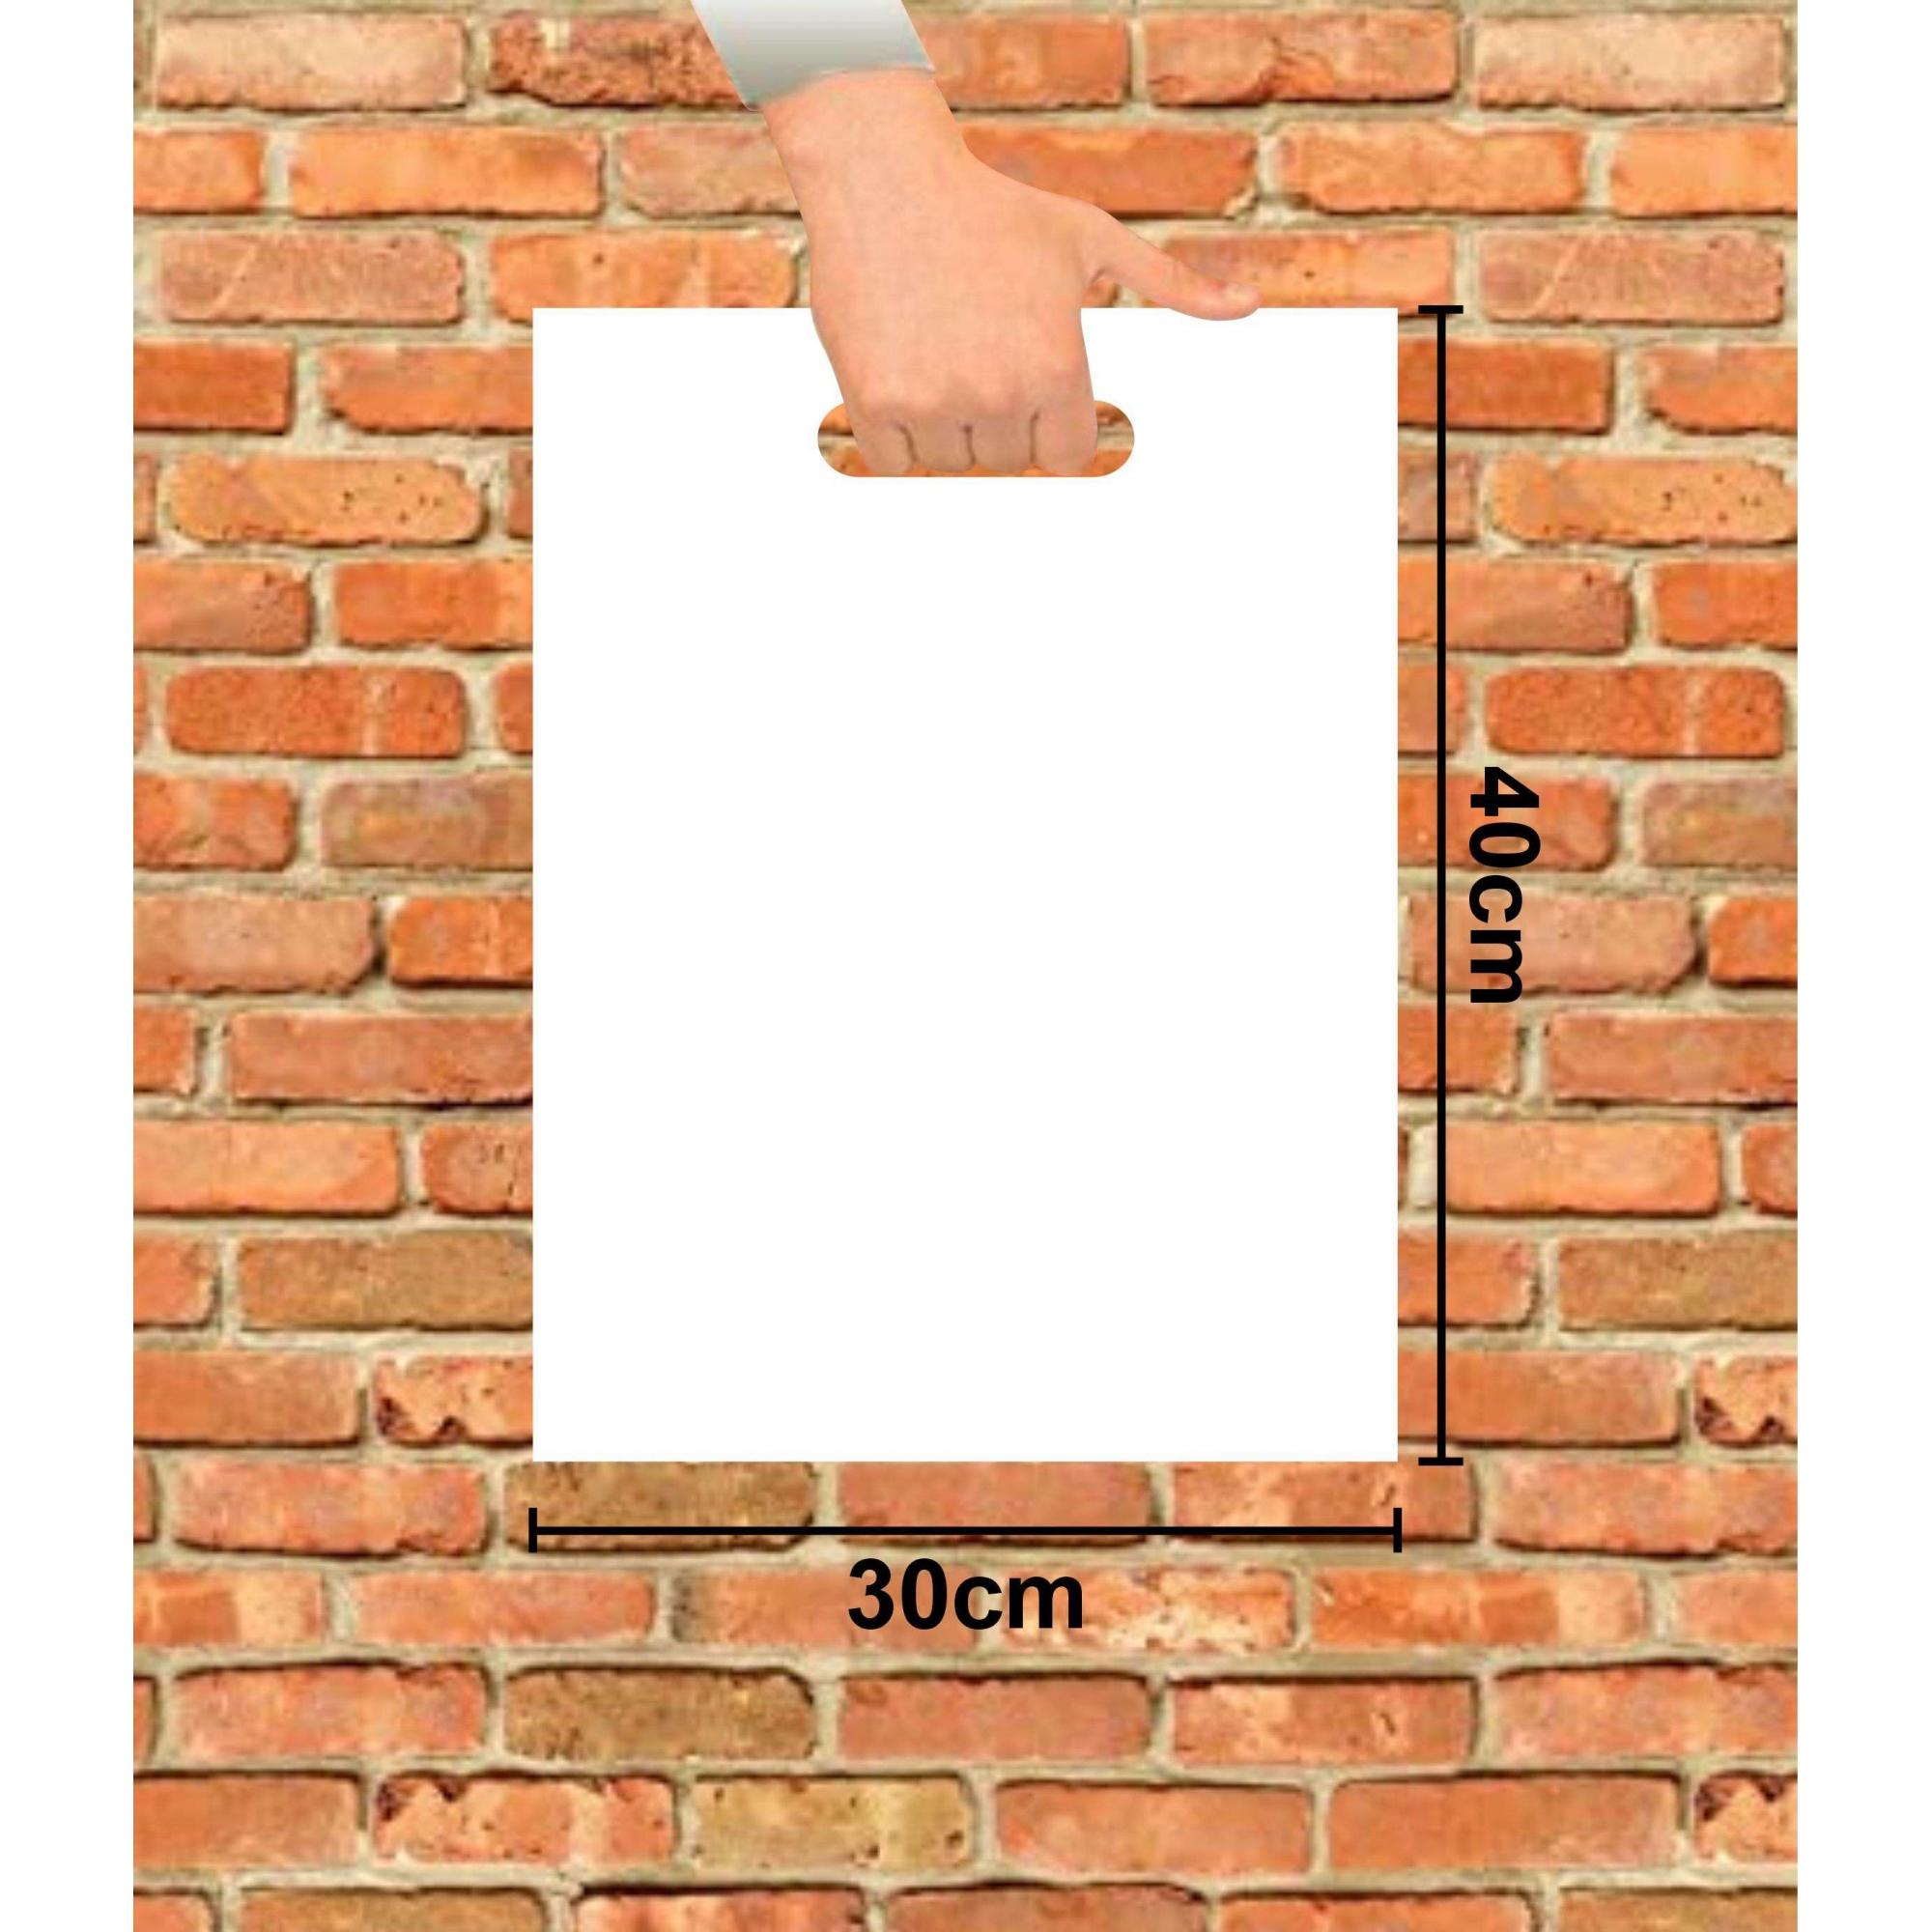 Sacola Plástica 30x40 Branca Alça Boca de Palhaço 100 Unidades